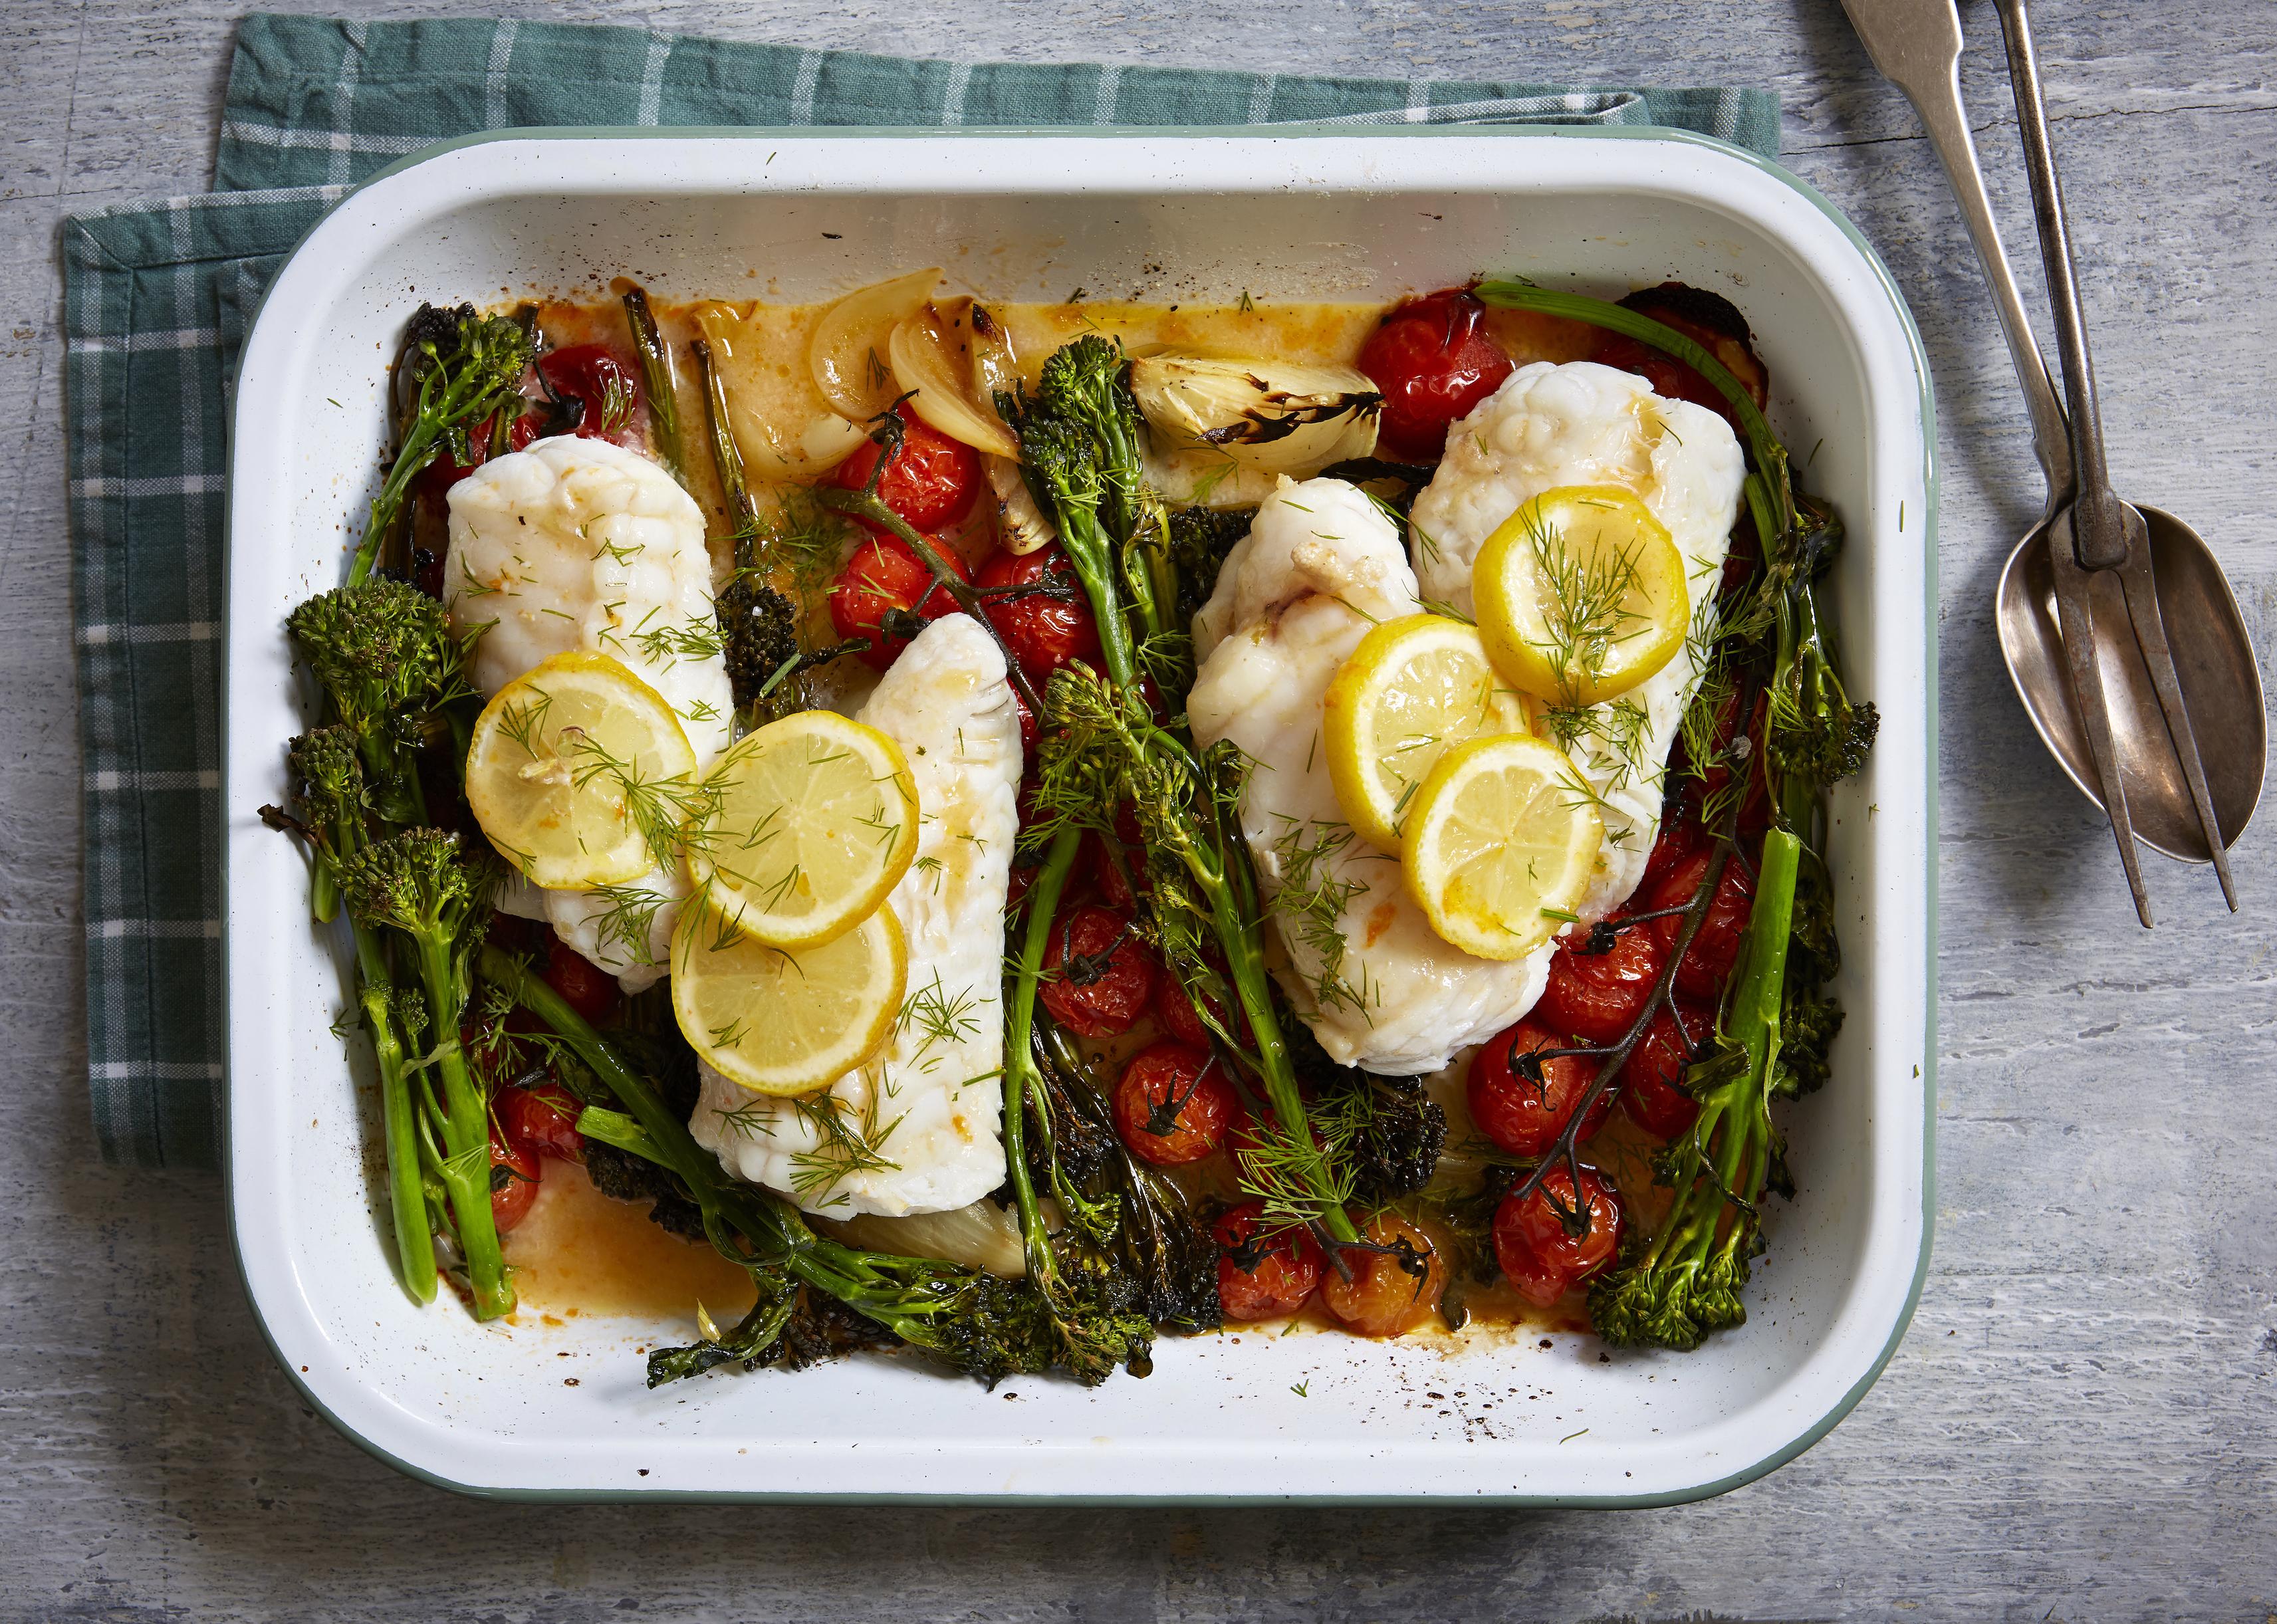 Fish And Broccoli Tray Bake Dinner Recipes Goodtoknow